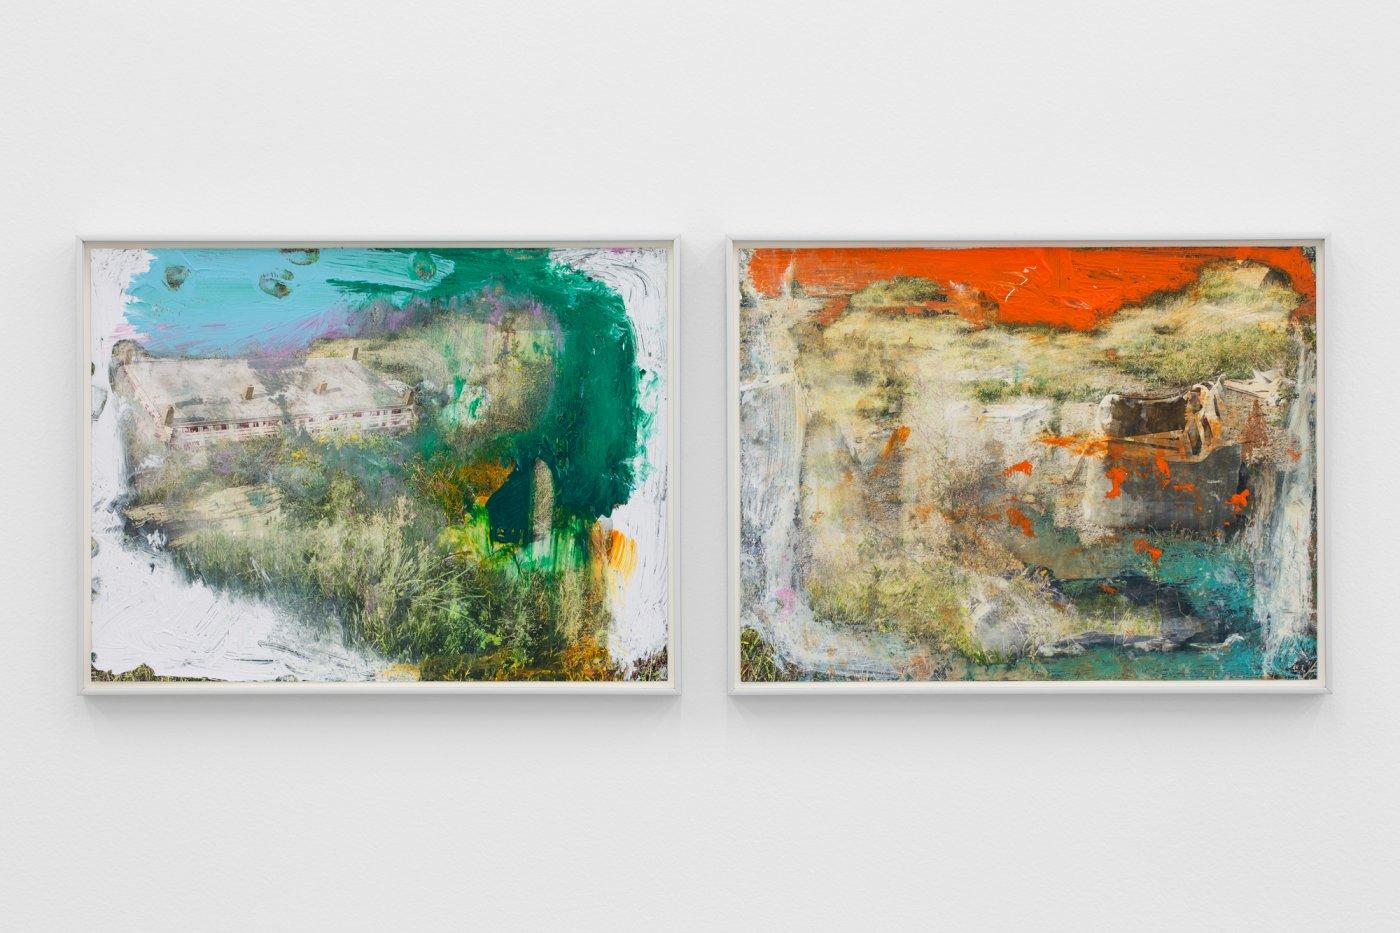 Carlos Bunga, Homeless #5; Homeless #1, 2021. Acrylic on chromogenic color print. 30 x 40 cm (each)